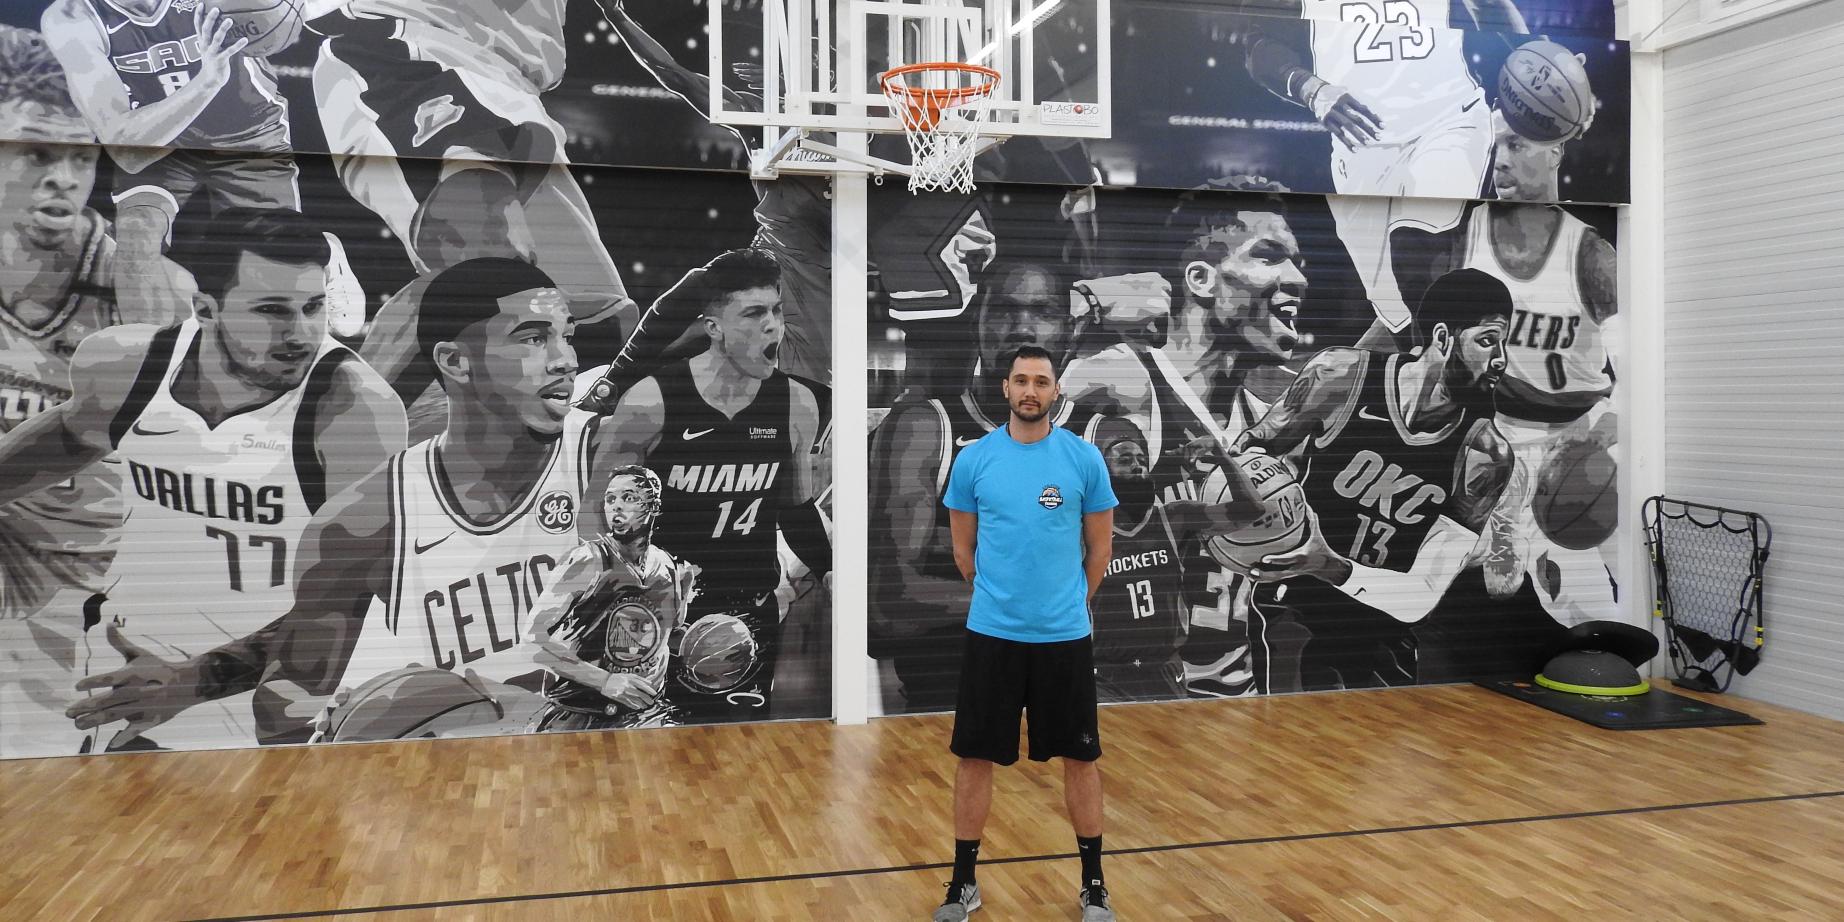 Egyéni képzés Szolnokon - Megnyitotta kapuit az Evolution Basketball Training